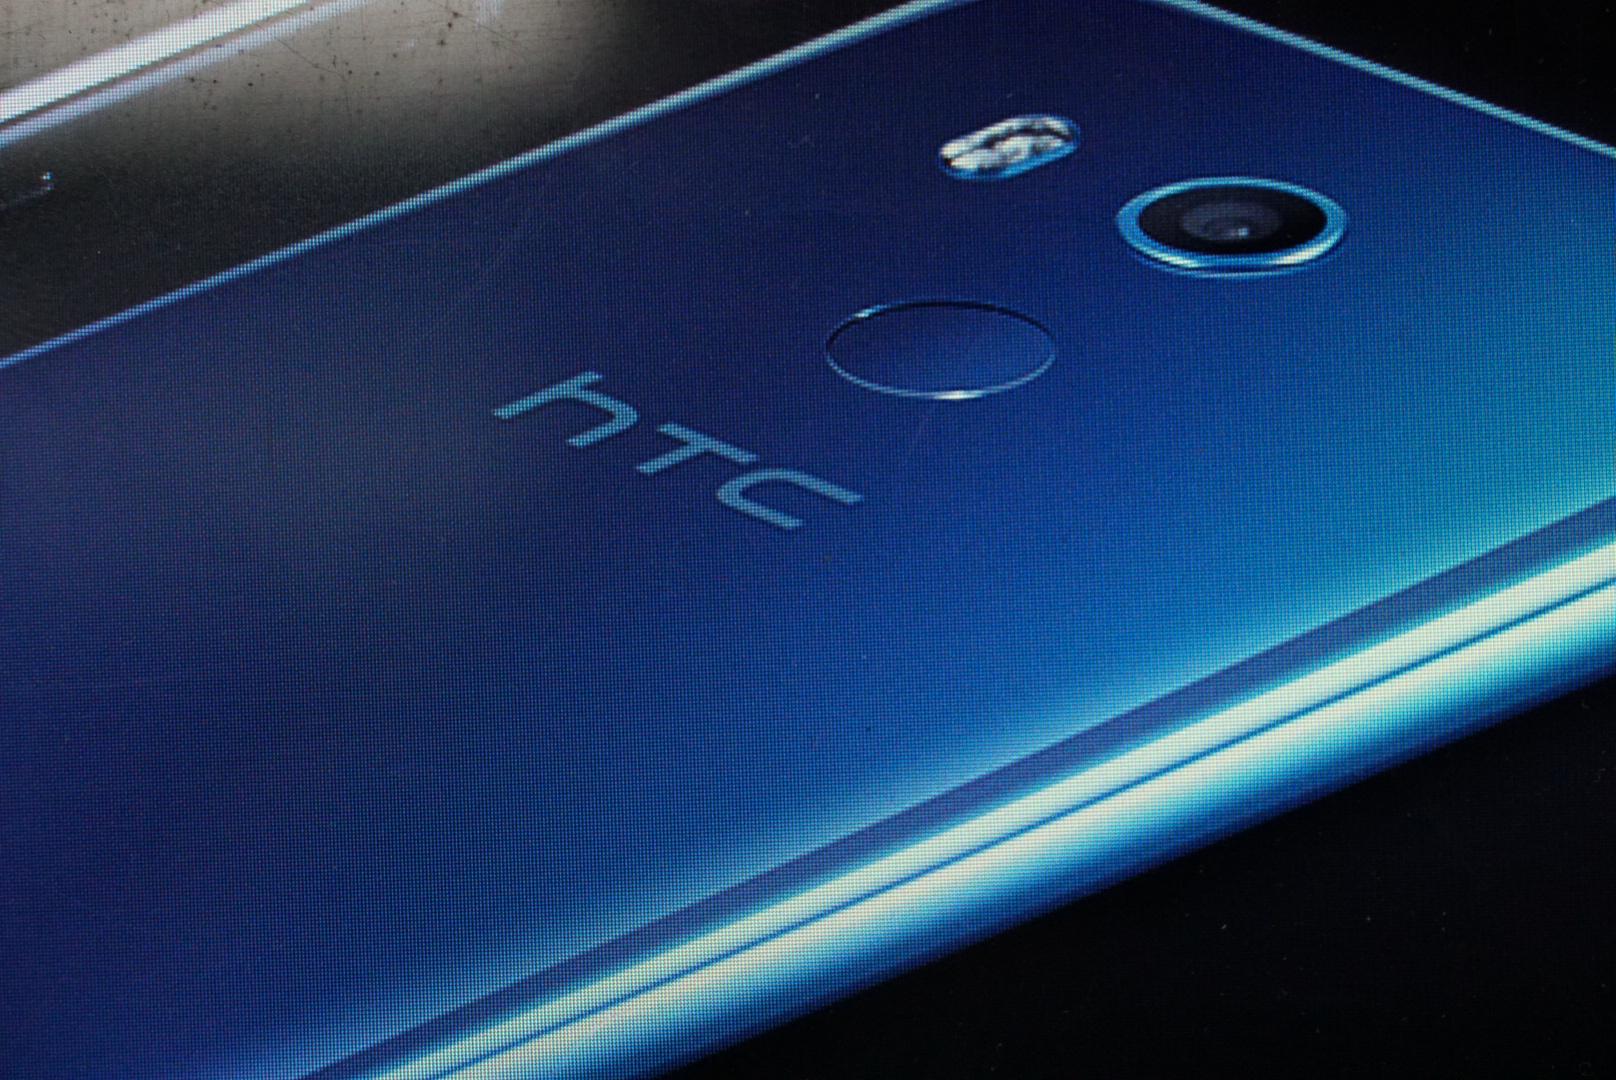 bob在线:HTC王雪红:明年HTC会非常好